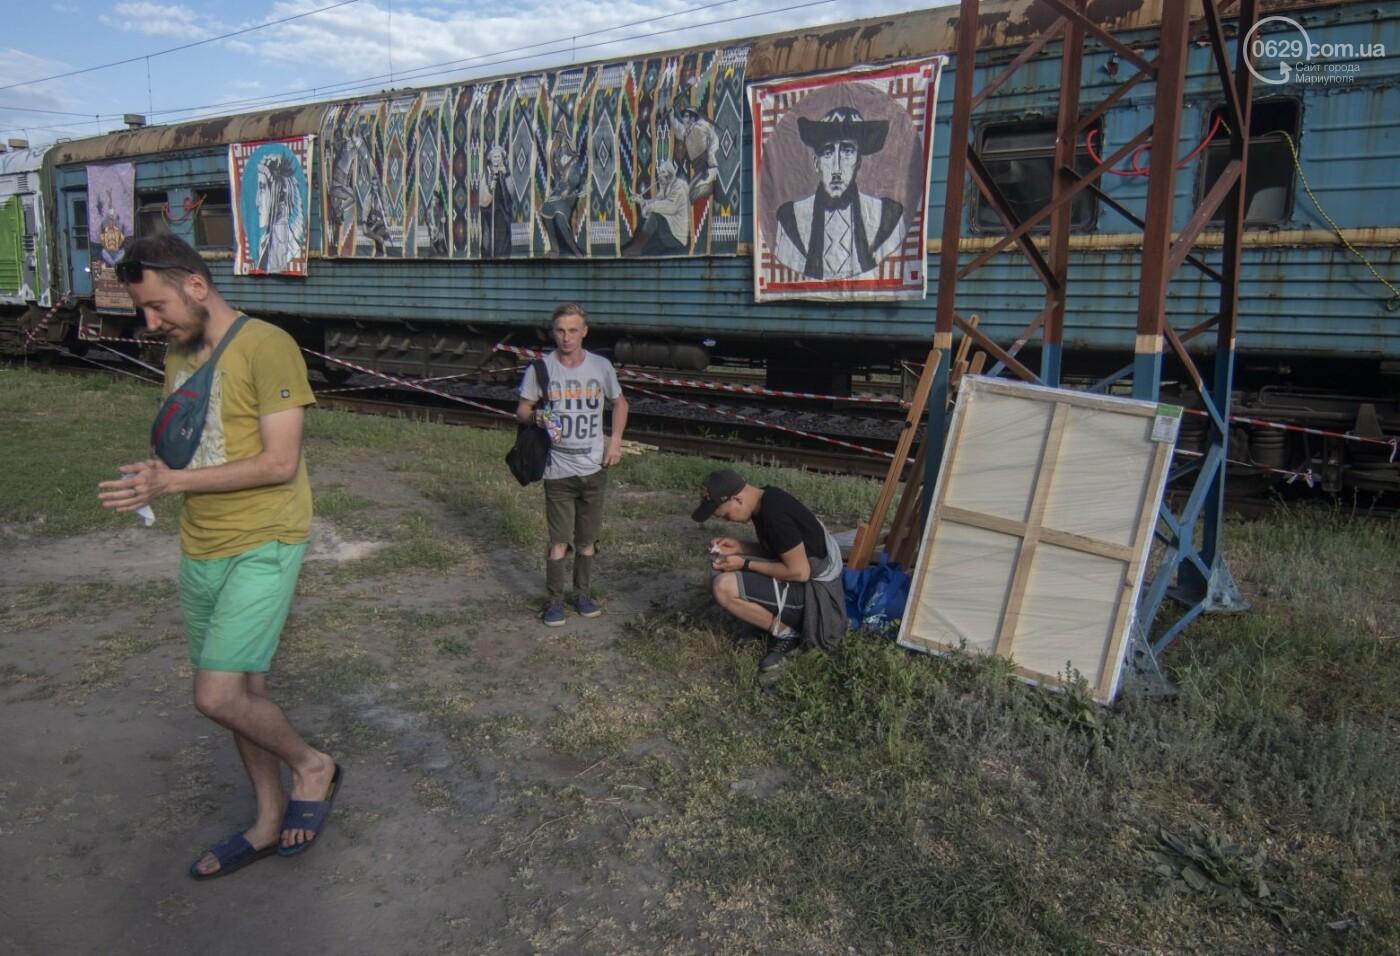 Во что превратили художники старый железнодорожный состав в Мариуполе. 33 фотографии! , фото-8